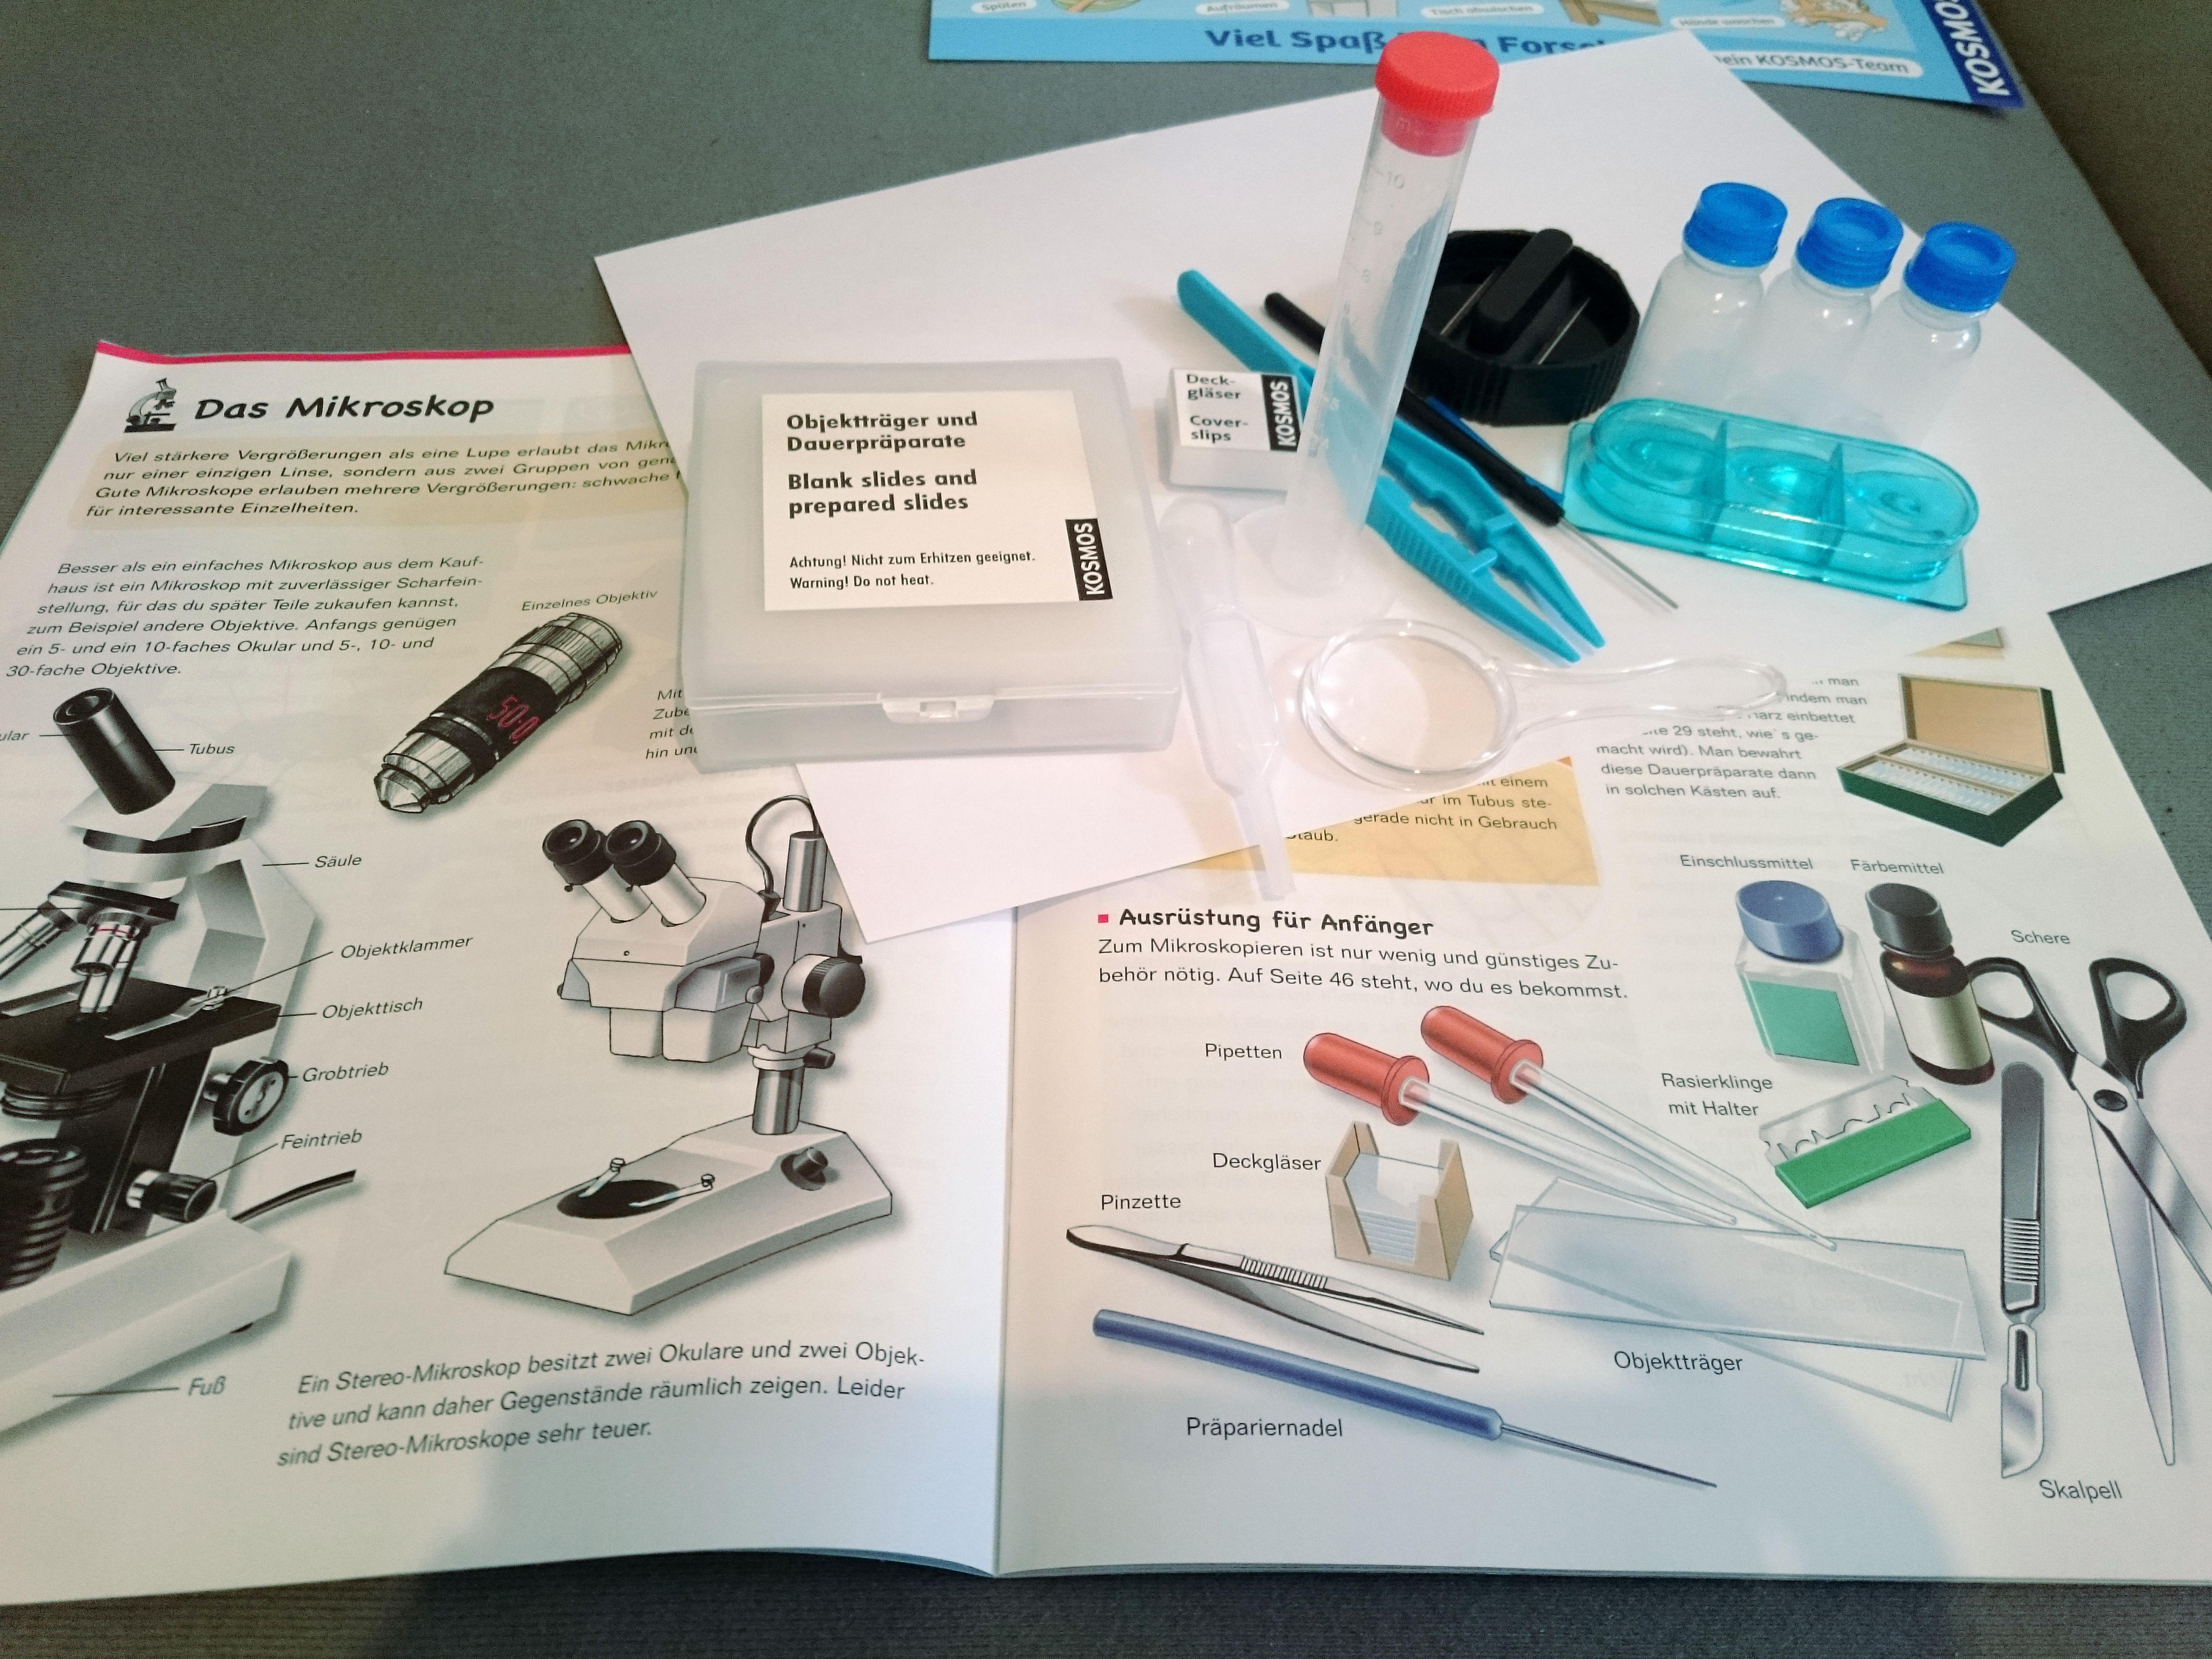 Rezension u ckosmos mikroskop experimentierkastenu d u die kleinen dinge